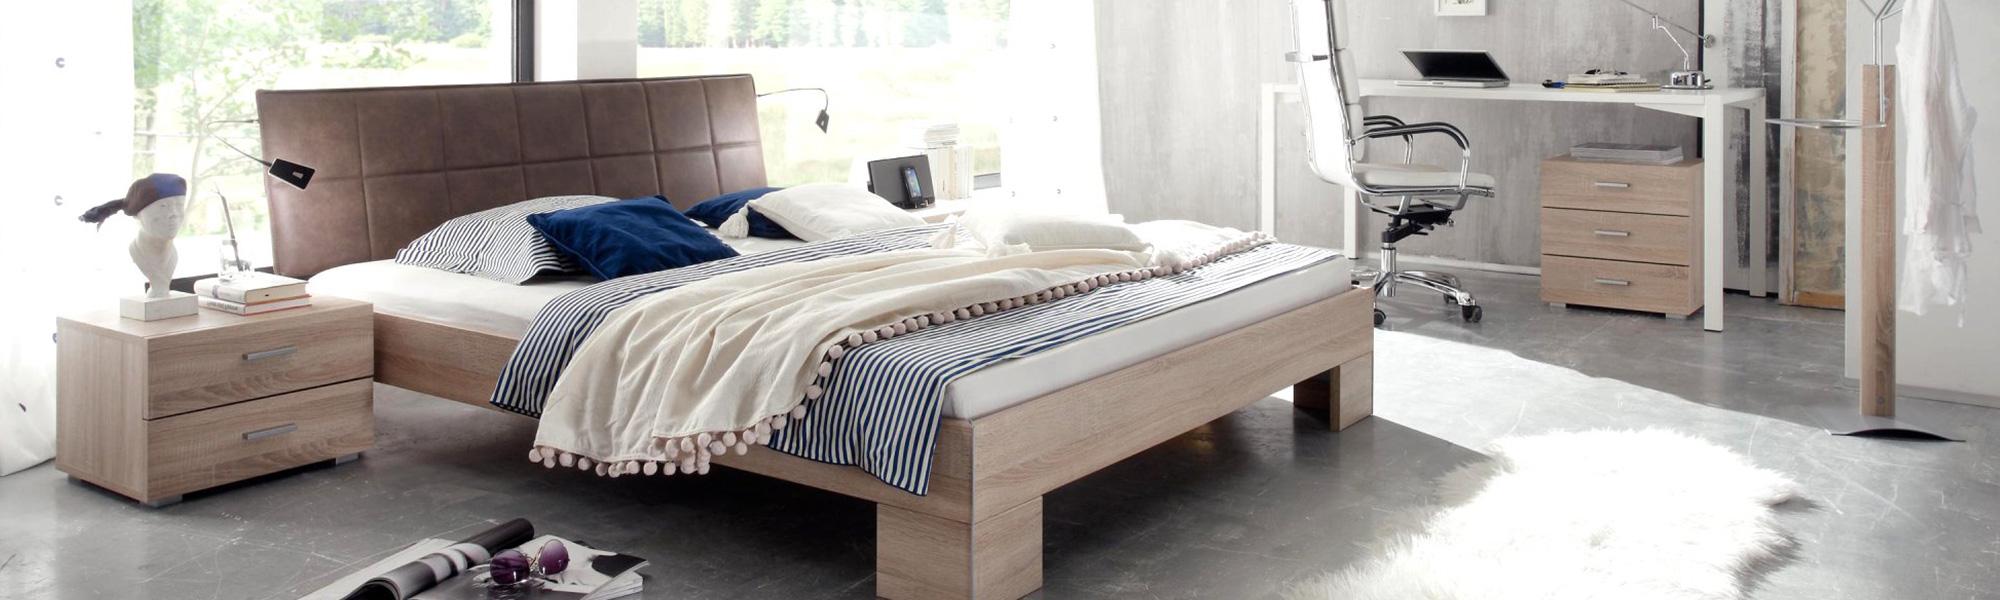 Schlafgut e.K – Betten Lierheimer